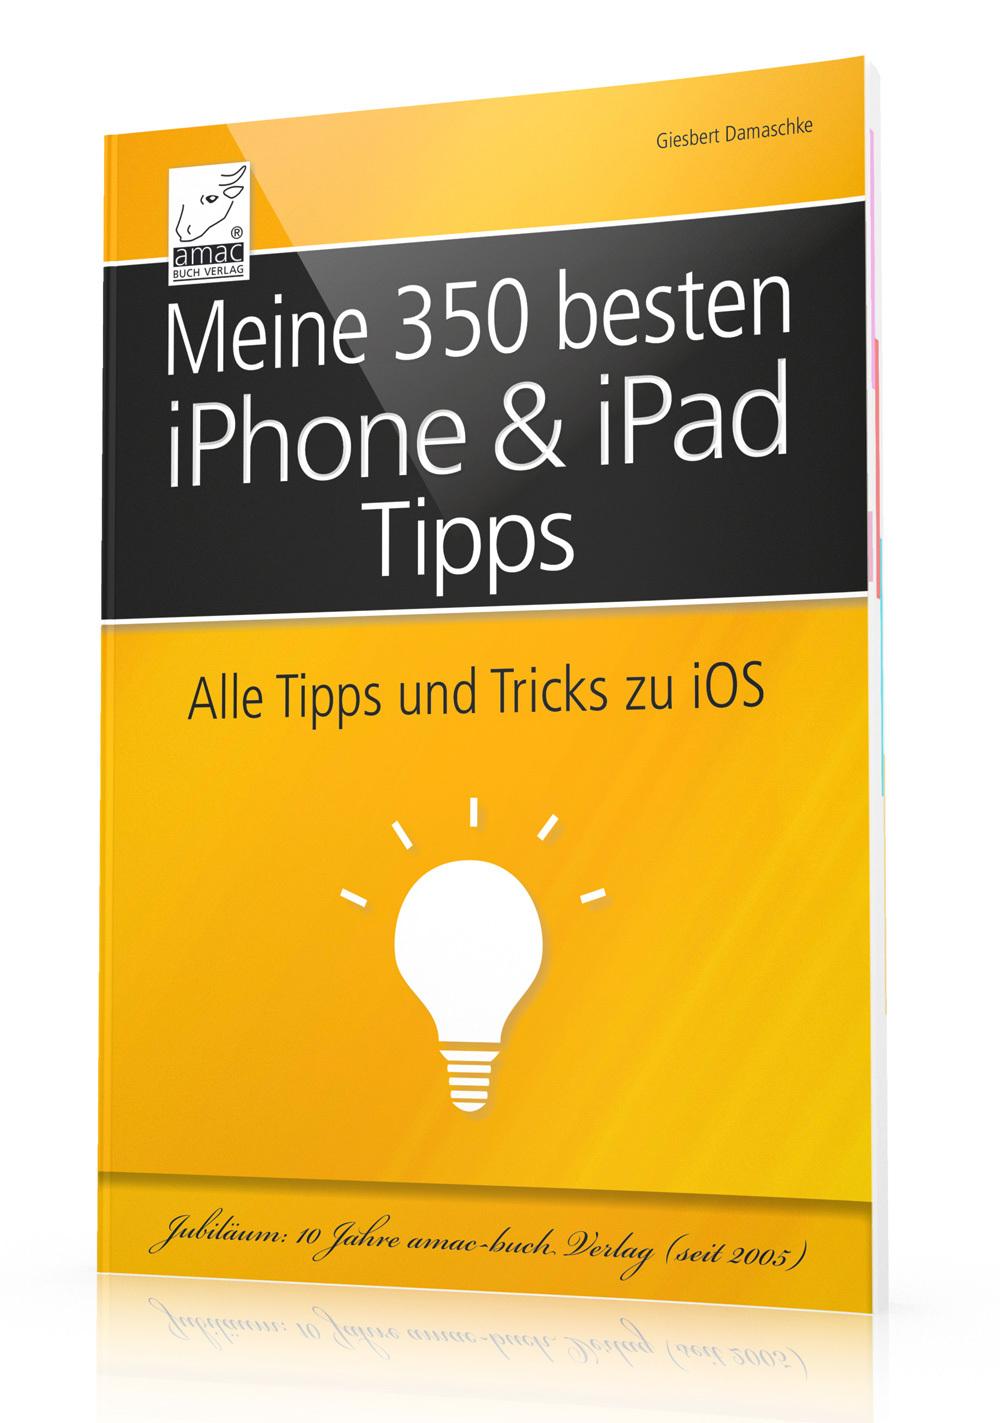 Meine 350 besten iPhone & iPad Tipps